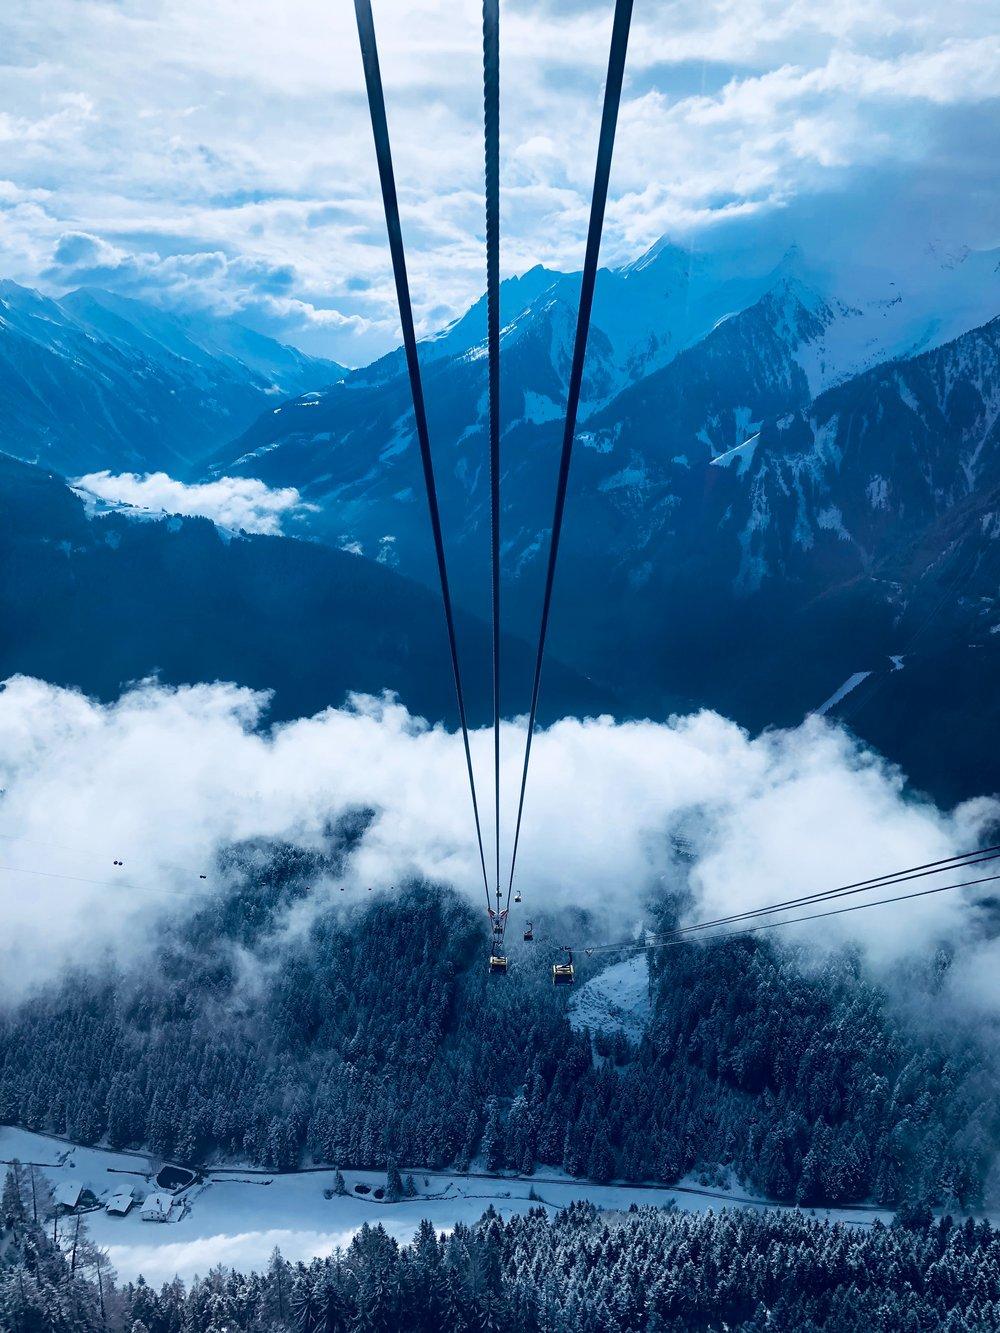 adventure-altitude-austria-1008180.jpg